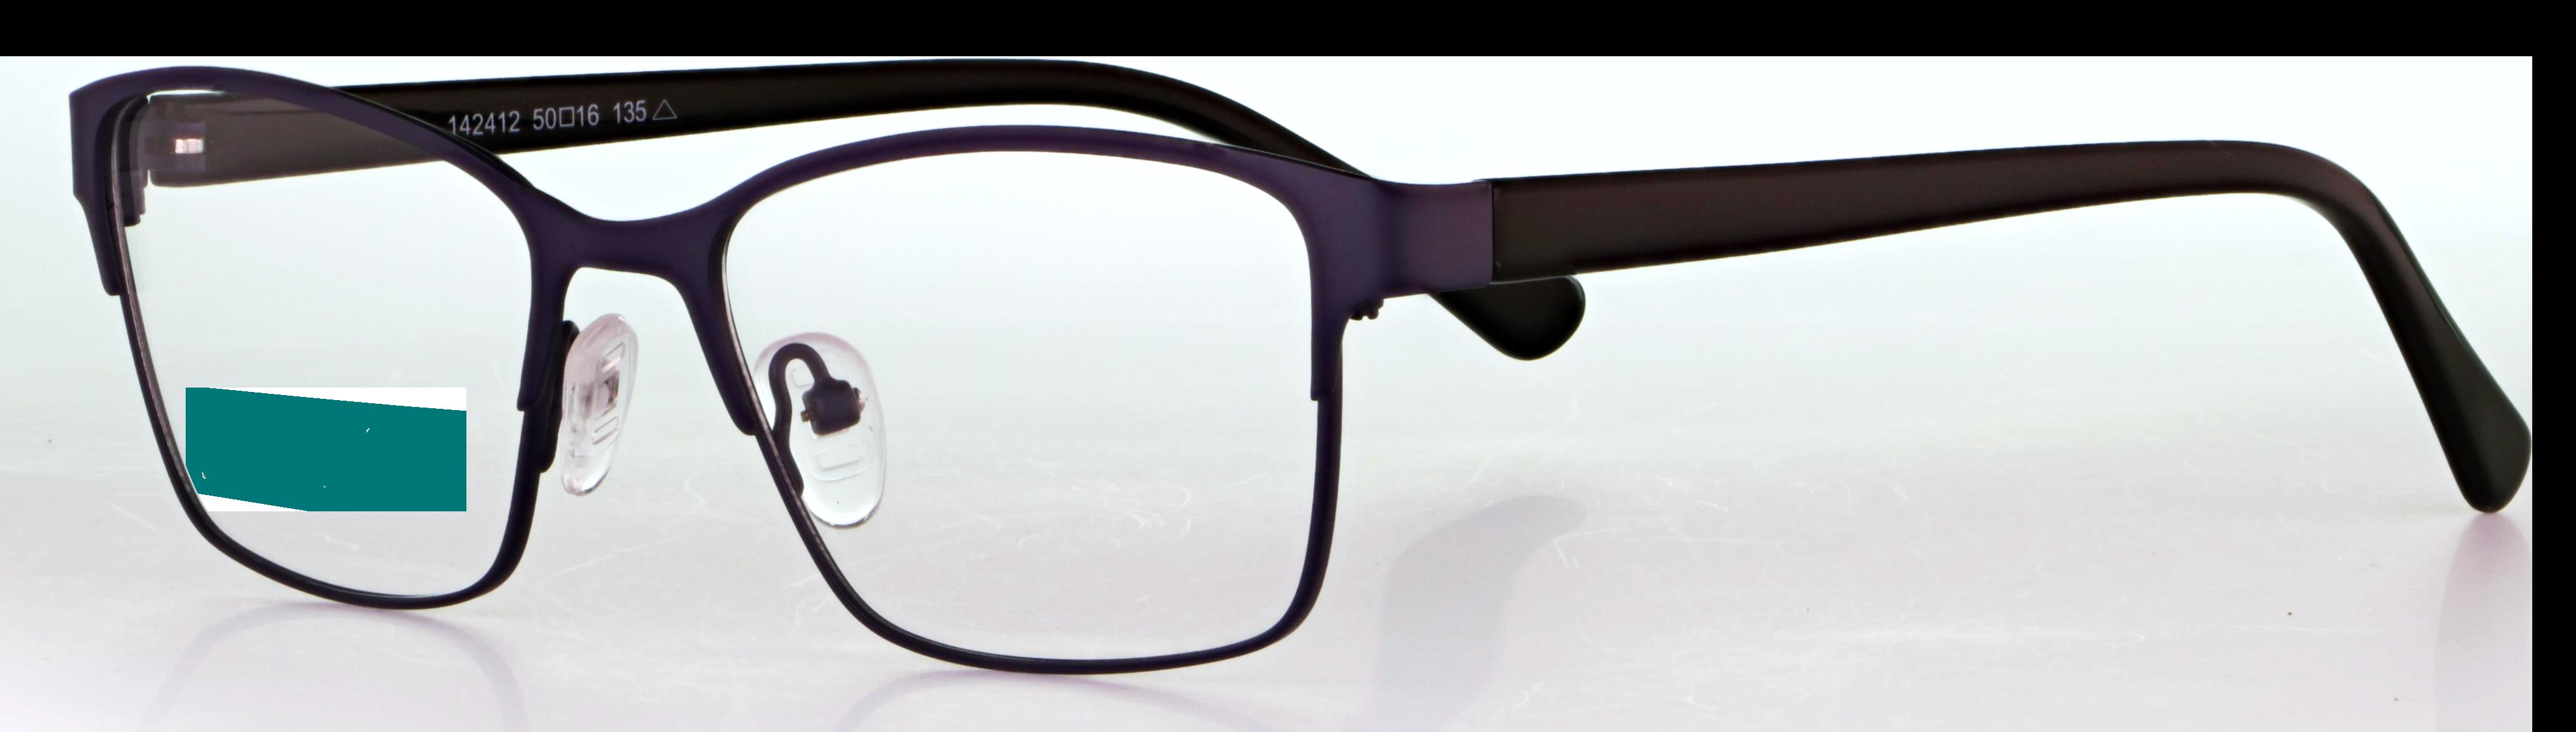 abele optik Brille 142412